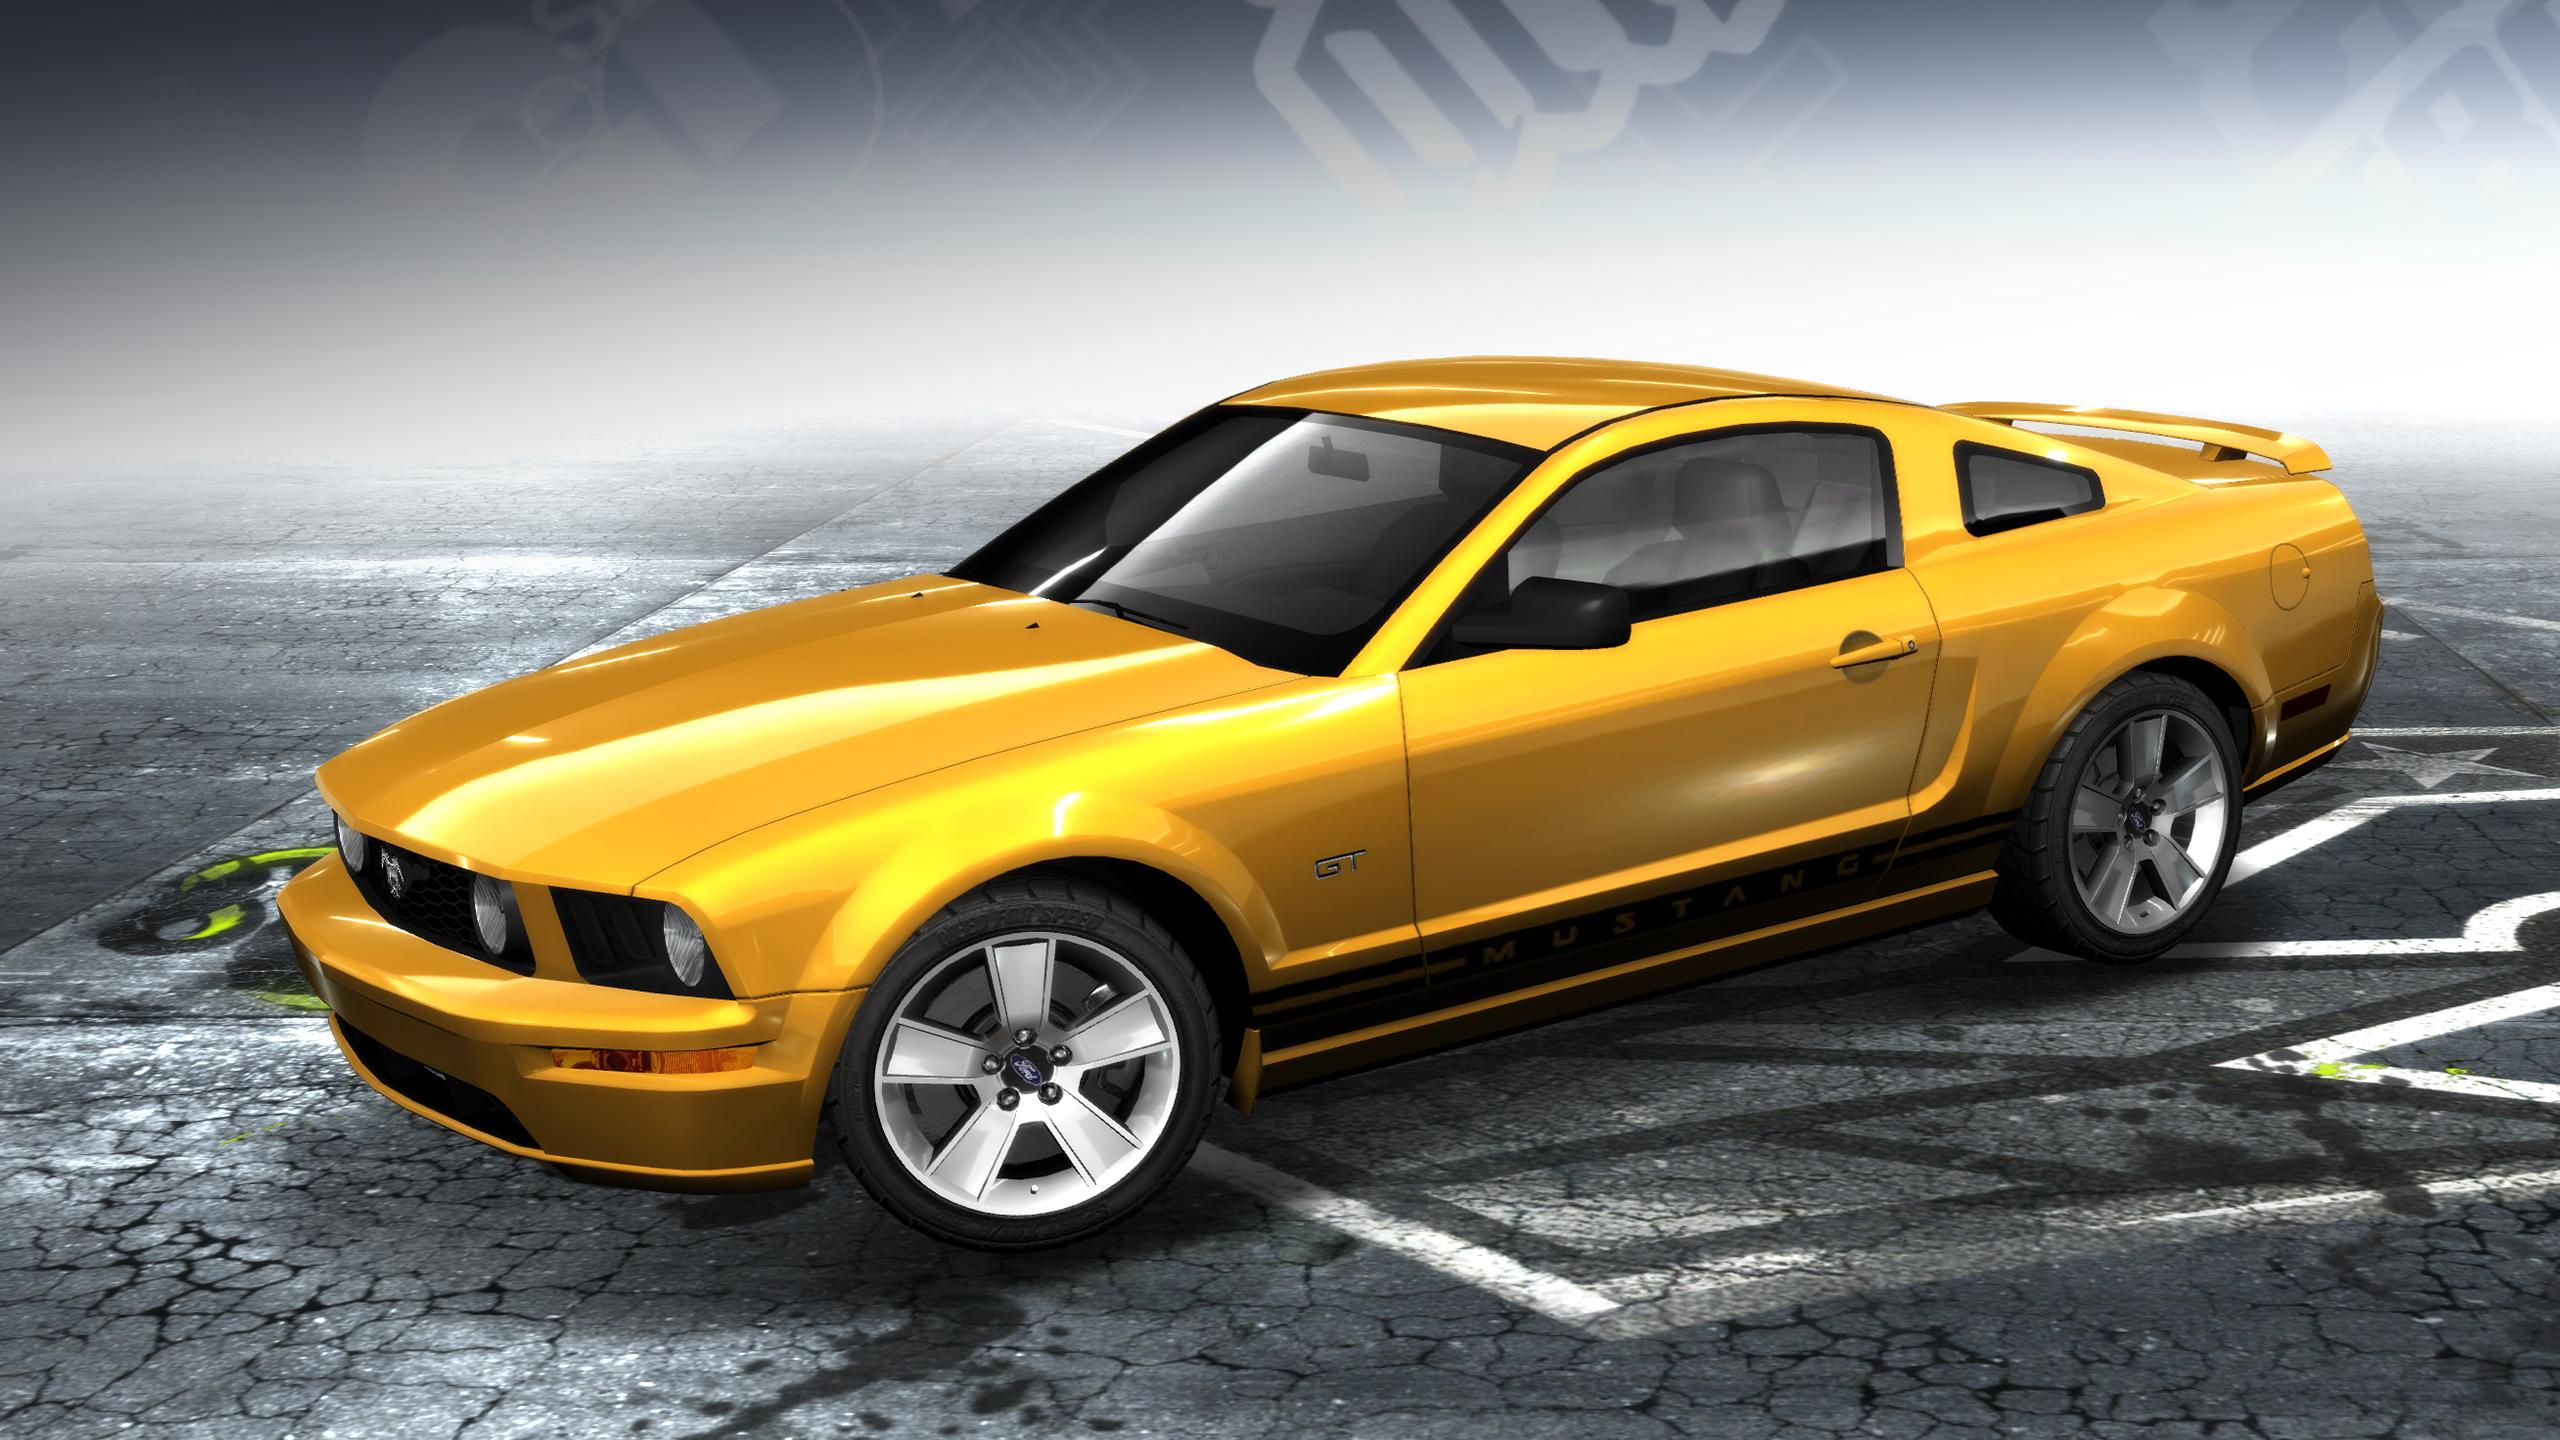 Ford Mustang Gt Gen 5 2005 Need For Speed Wiki Fandom